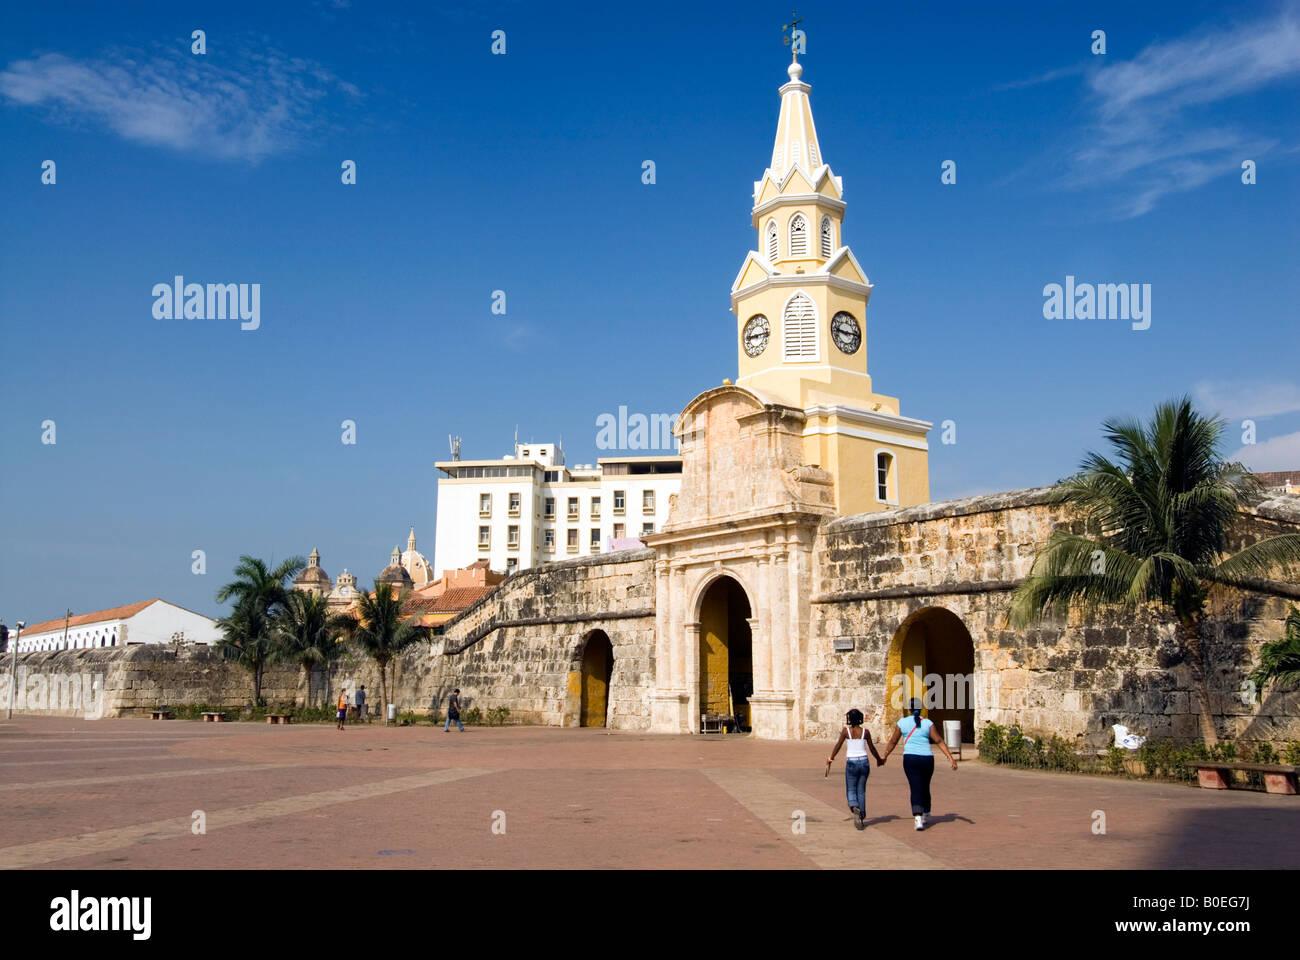 La tour de l'horloge Gate ou Puerta del Reloj, Cartagena de Indias, Colombie Photo Stock